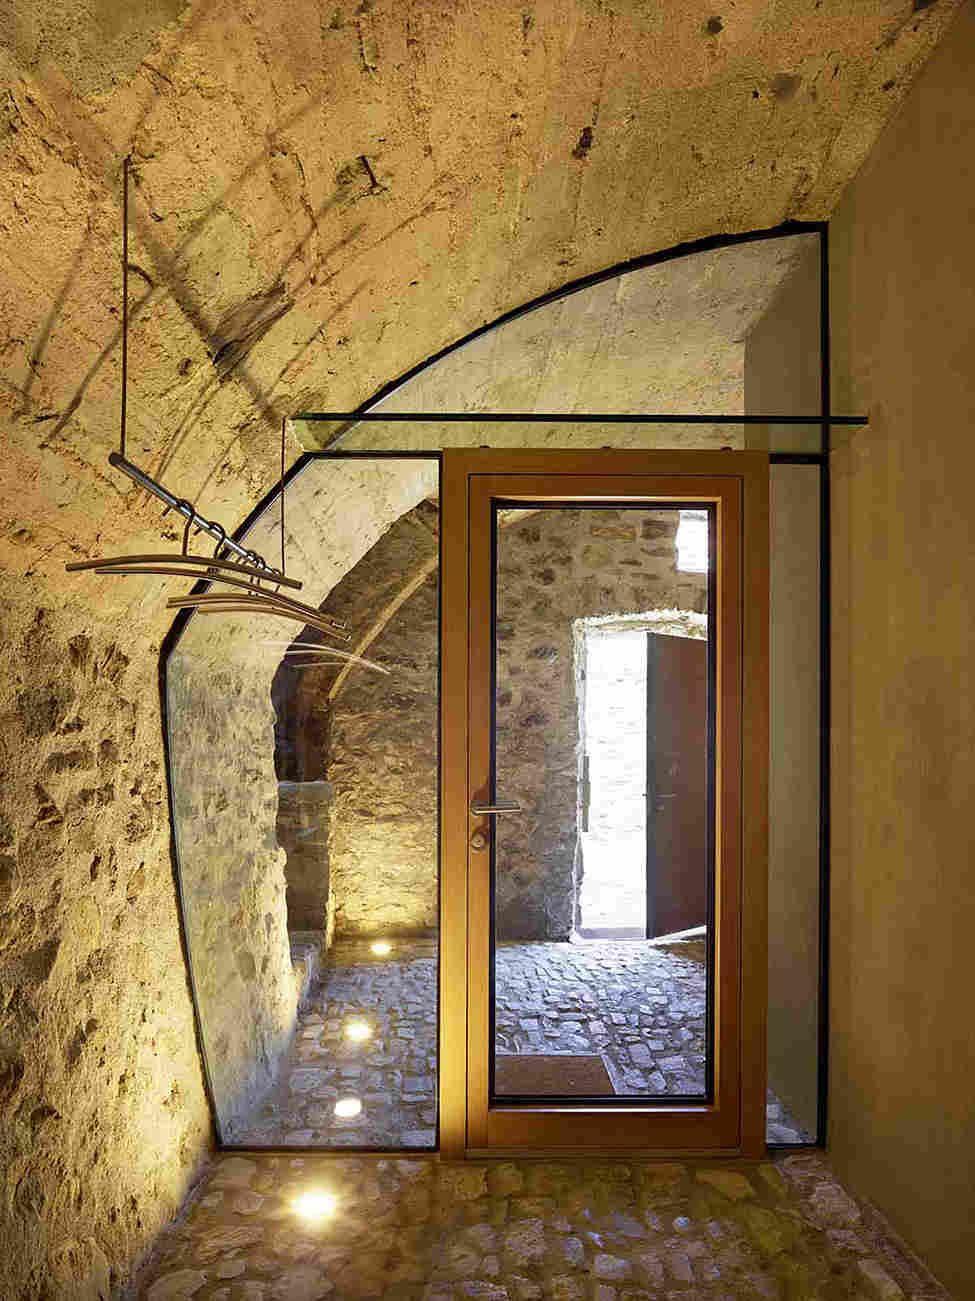 Dorf innenarchitektur Реконструкция каменного дома в швейцарской деревне  Архитектура